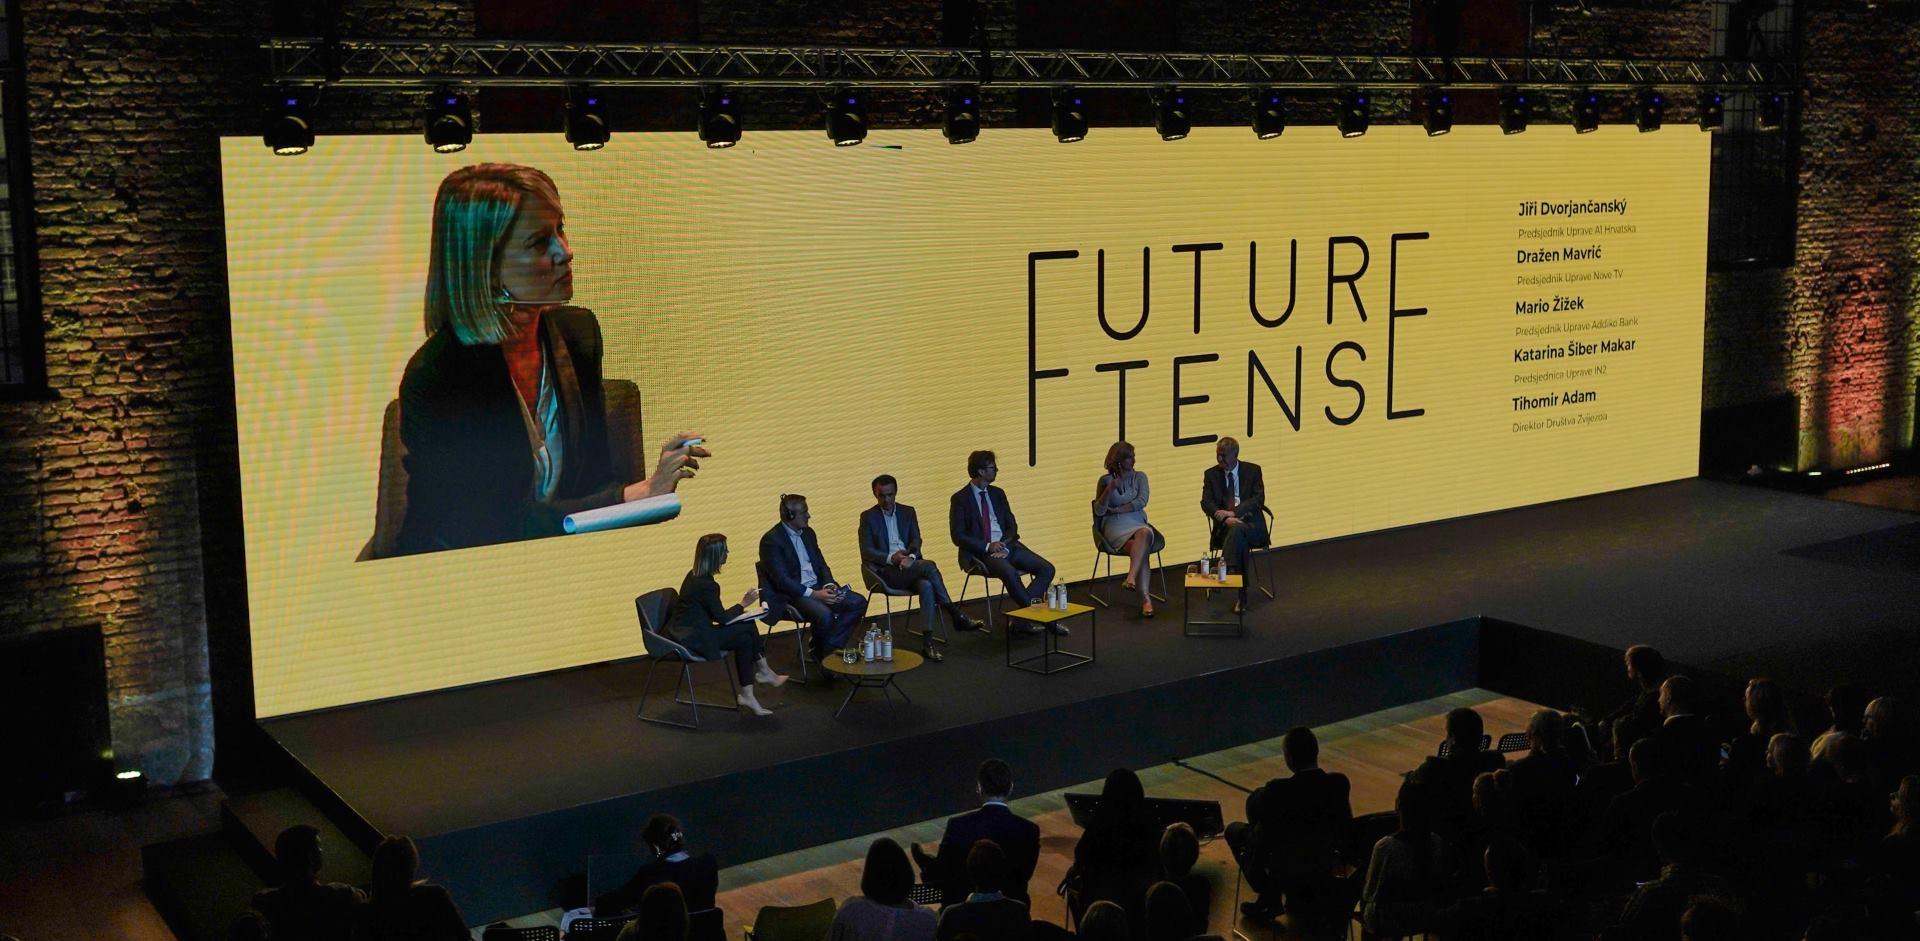 """FUTURE TENSE """"Računala će postati inteligentnija, no razvijajte kreativnost, osobine i kvalitete"""""""